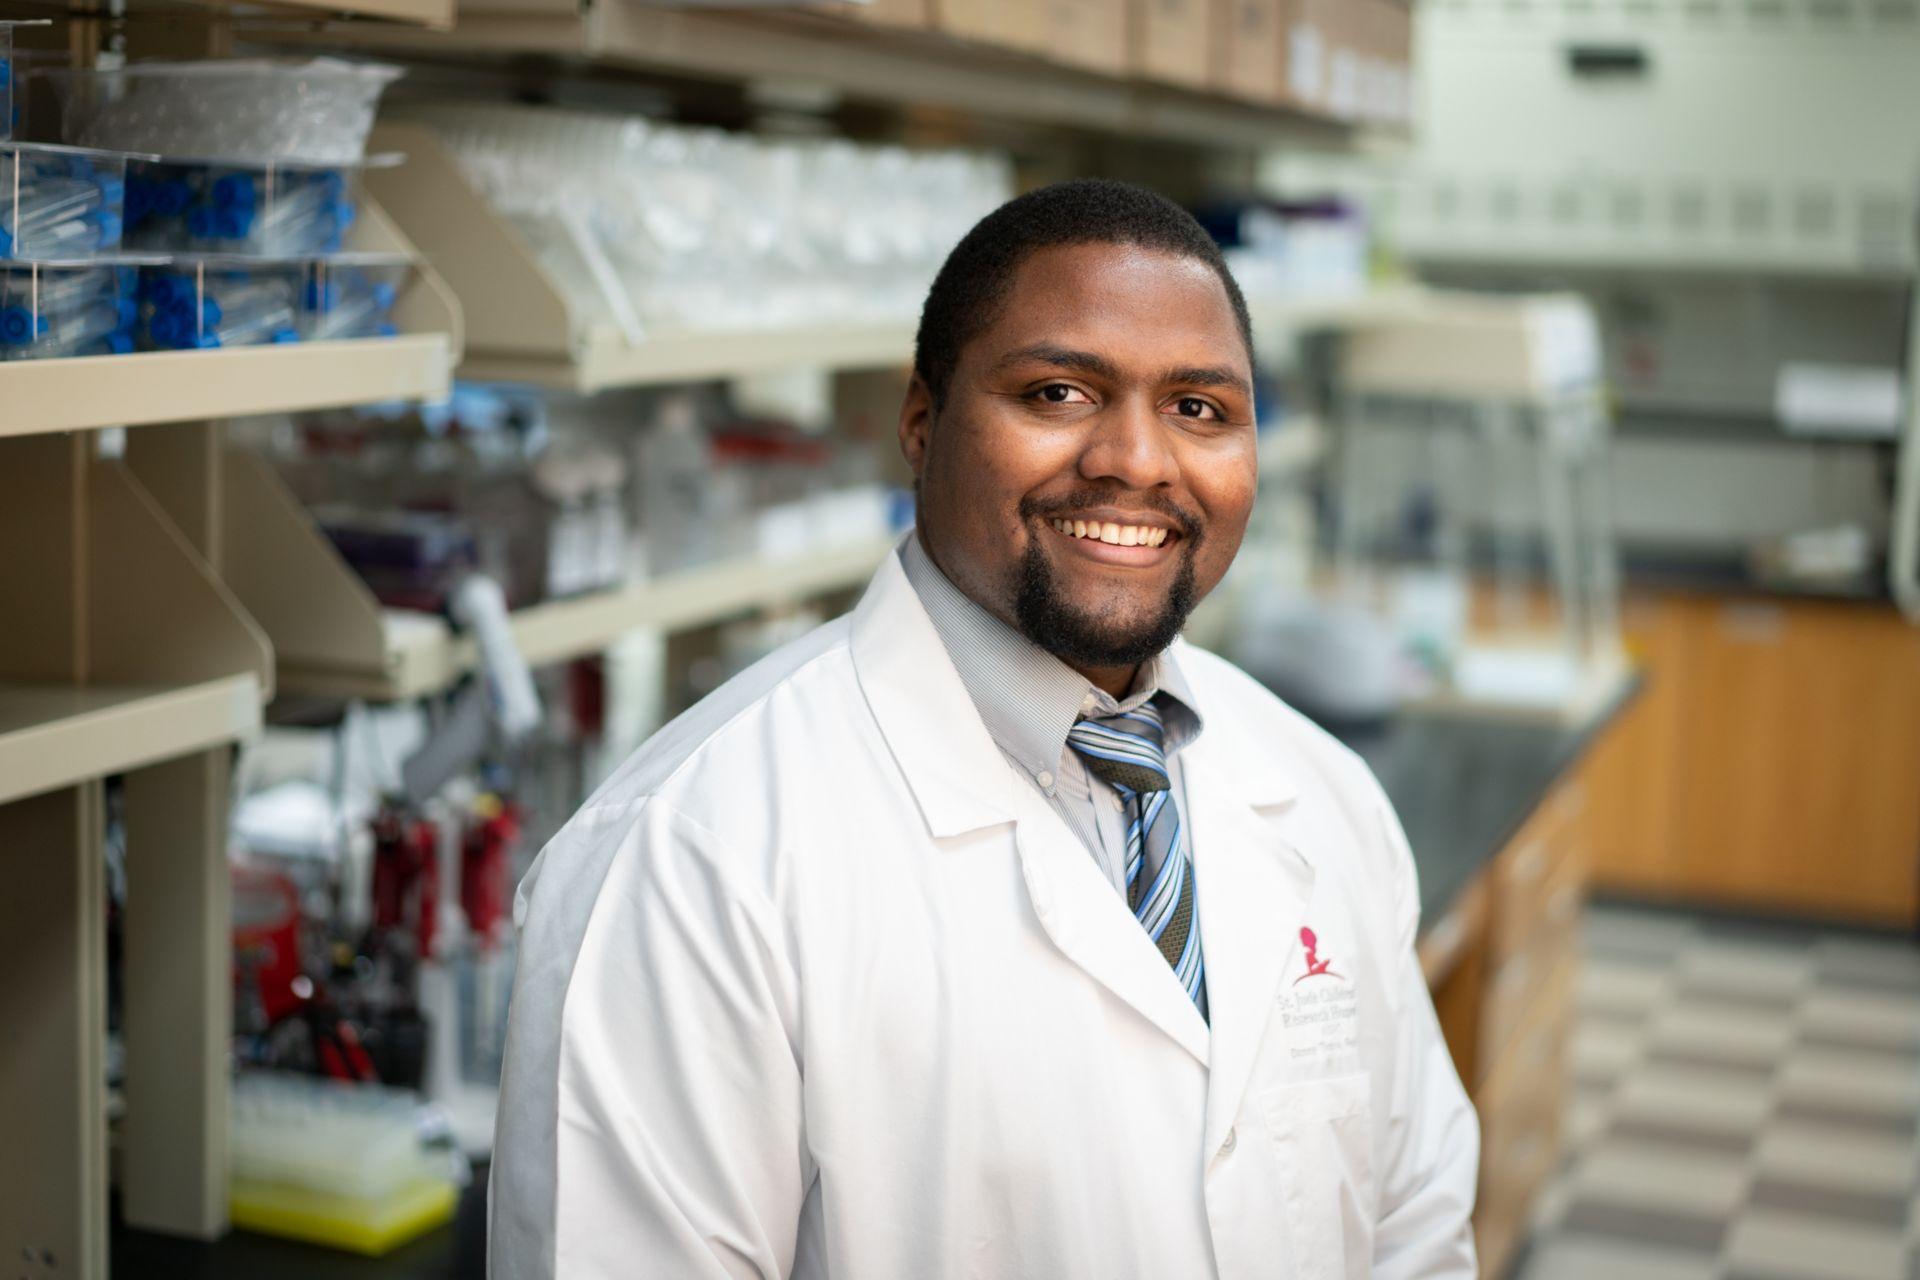 Melvin Thomas, PhD